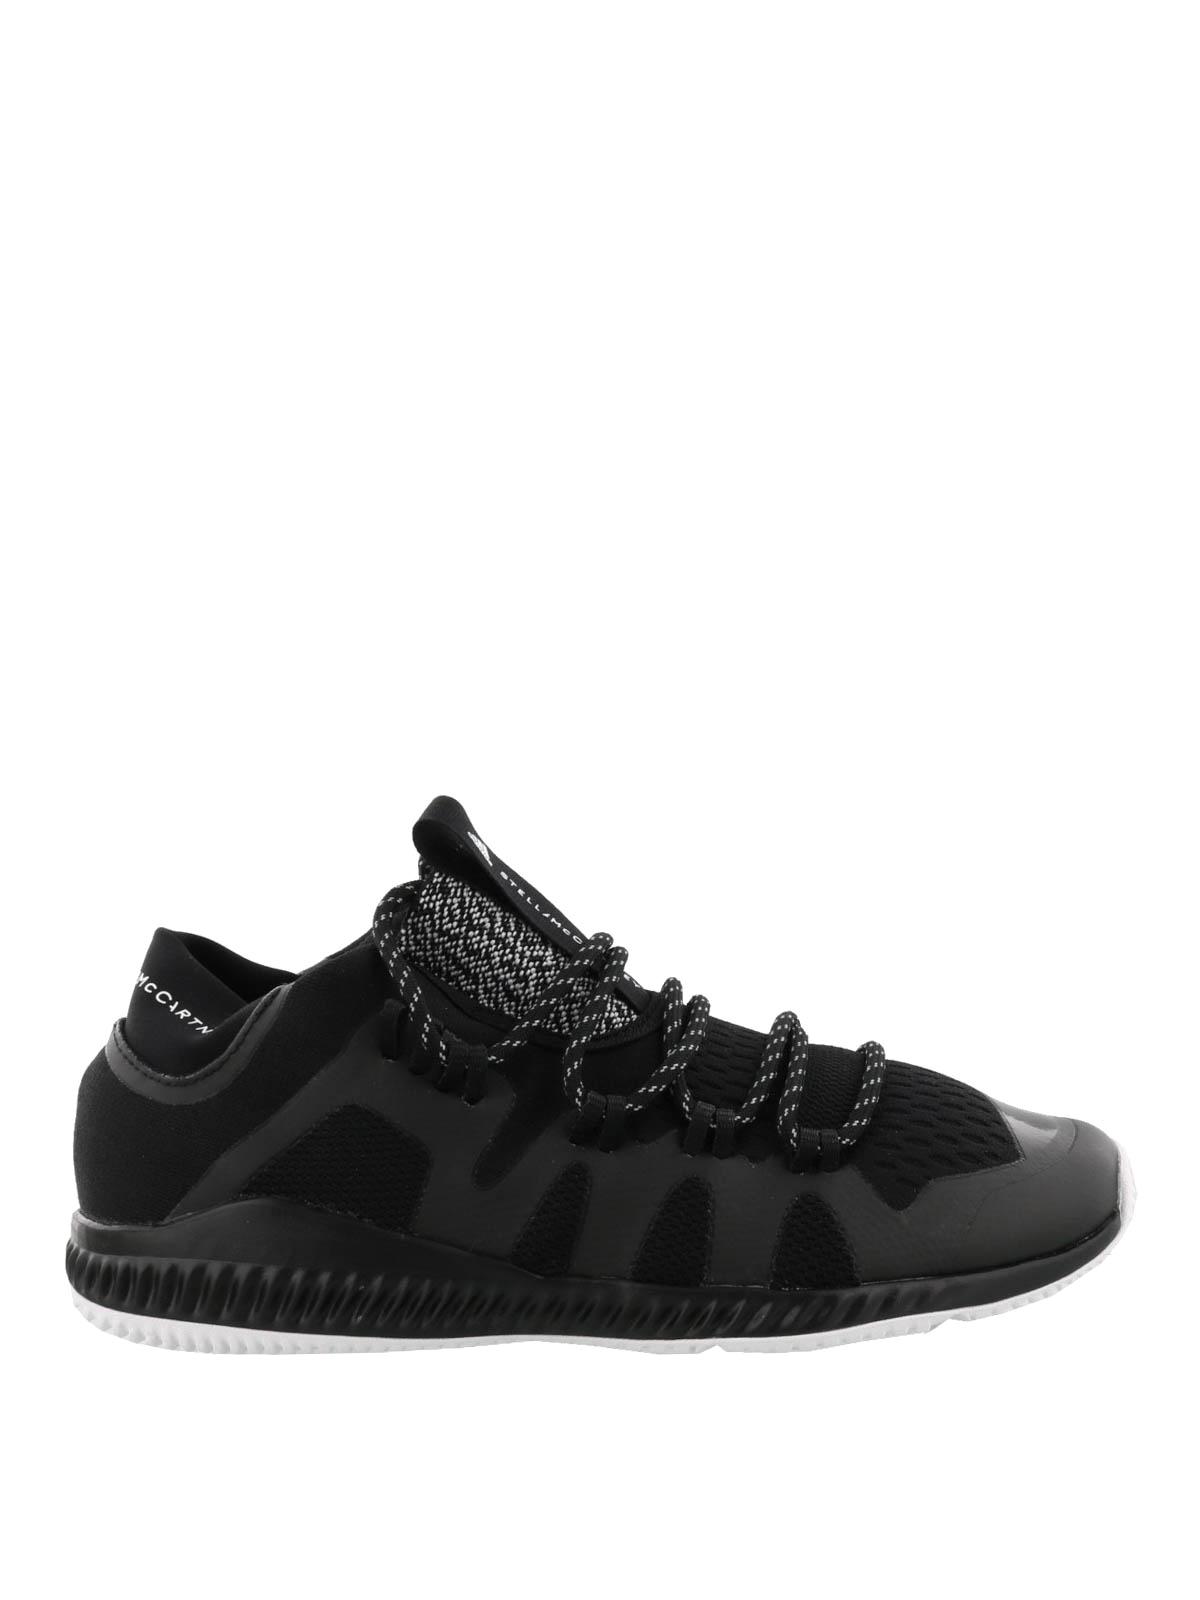 Mccartney Zapatillas Crazytrain Adidas Bounce By Stella YDE9IWH2